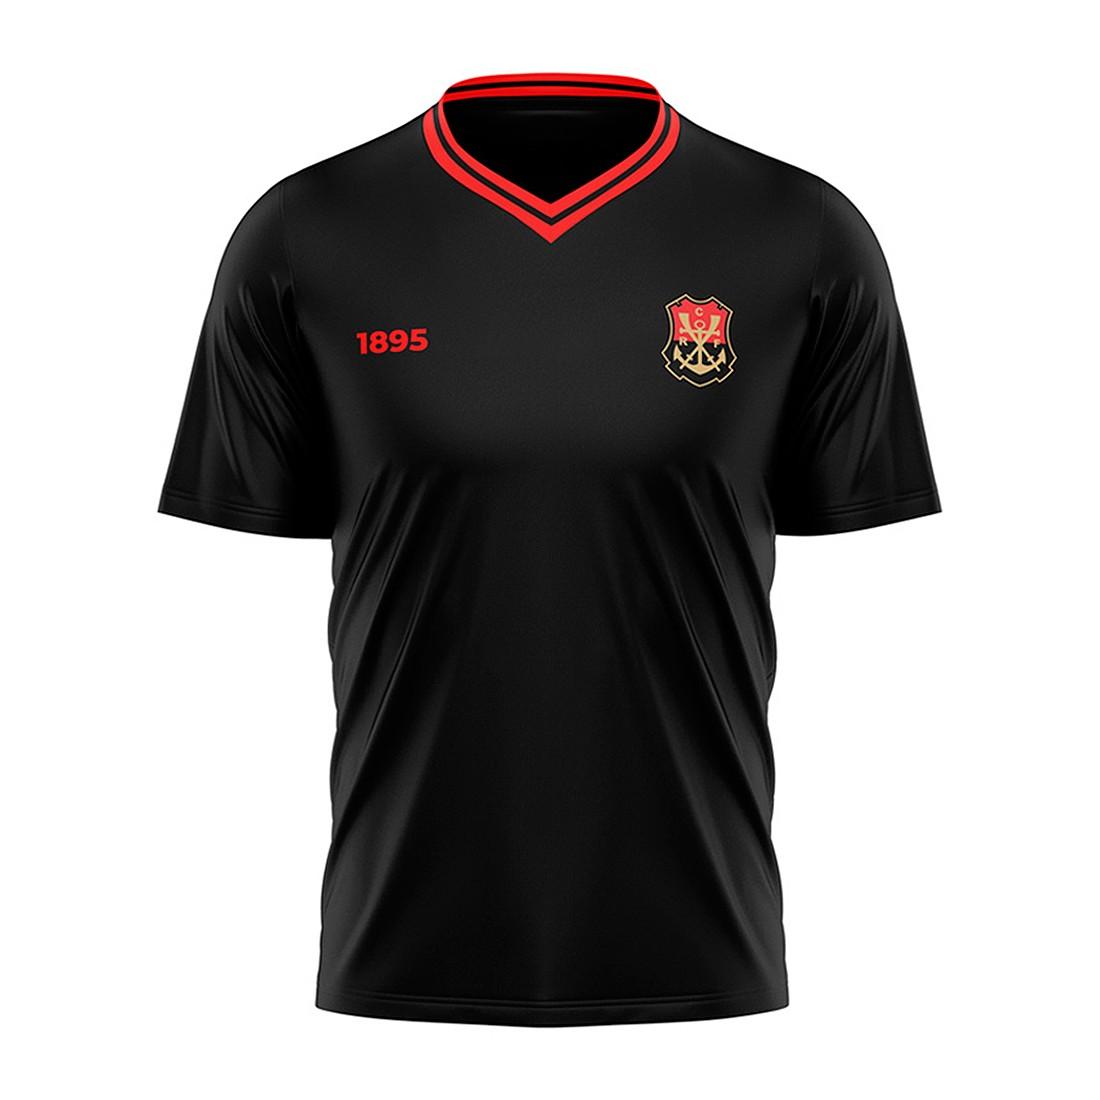 Camisa Flamengo Retrô 1895 Masculina